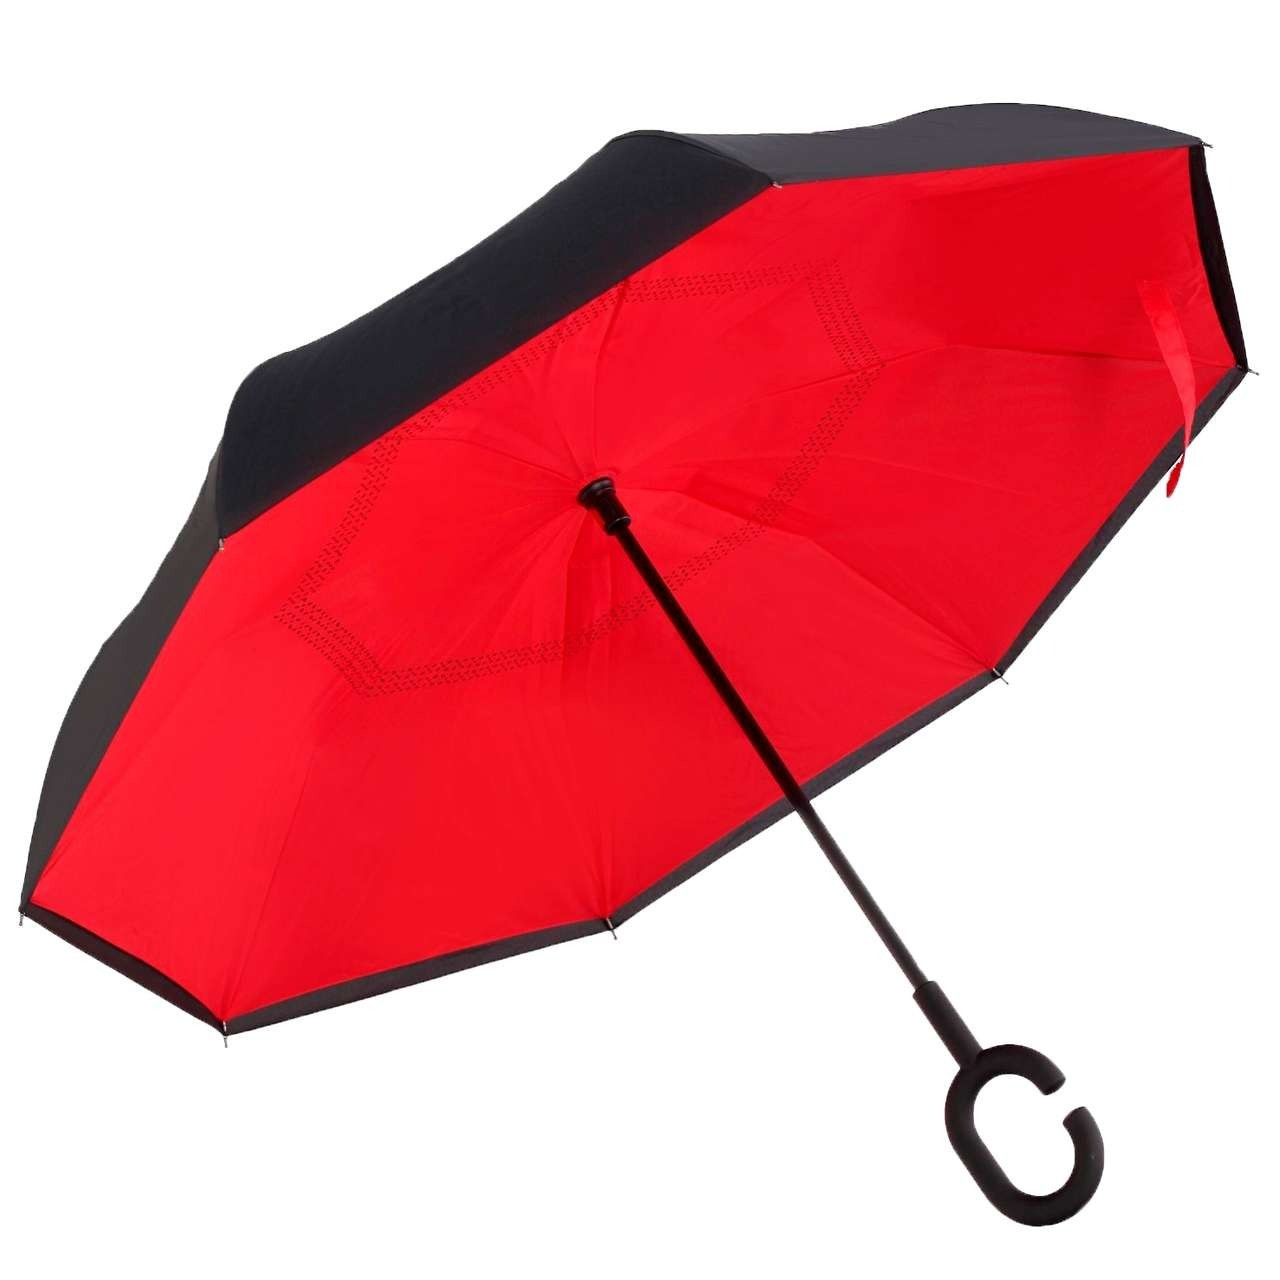 Одноцветный зонтик Umbrella UpBrella